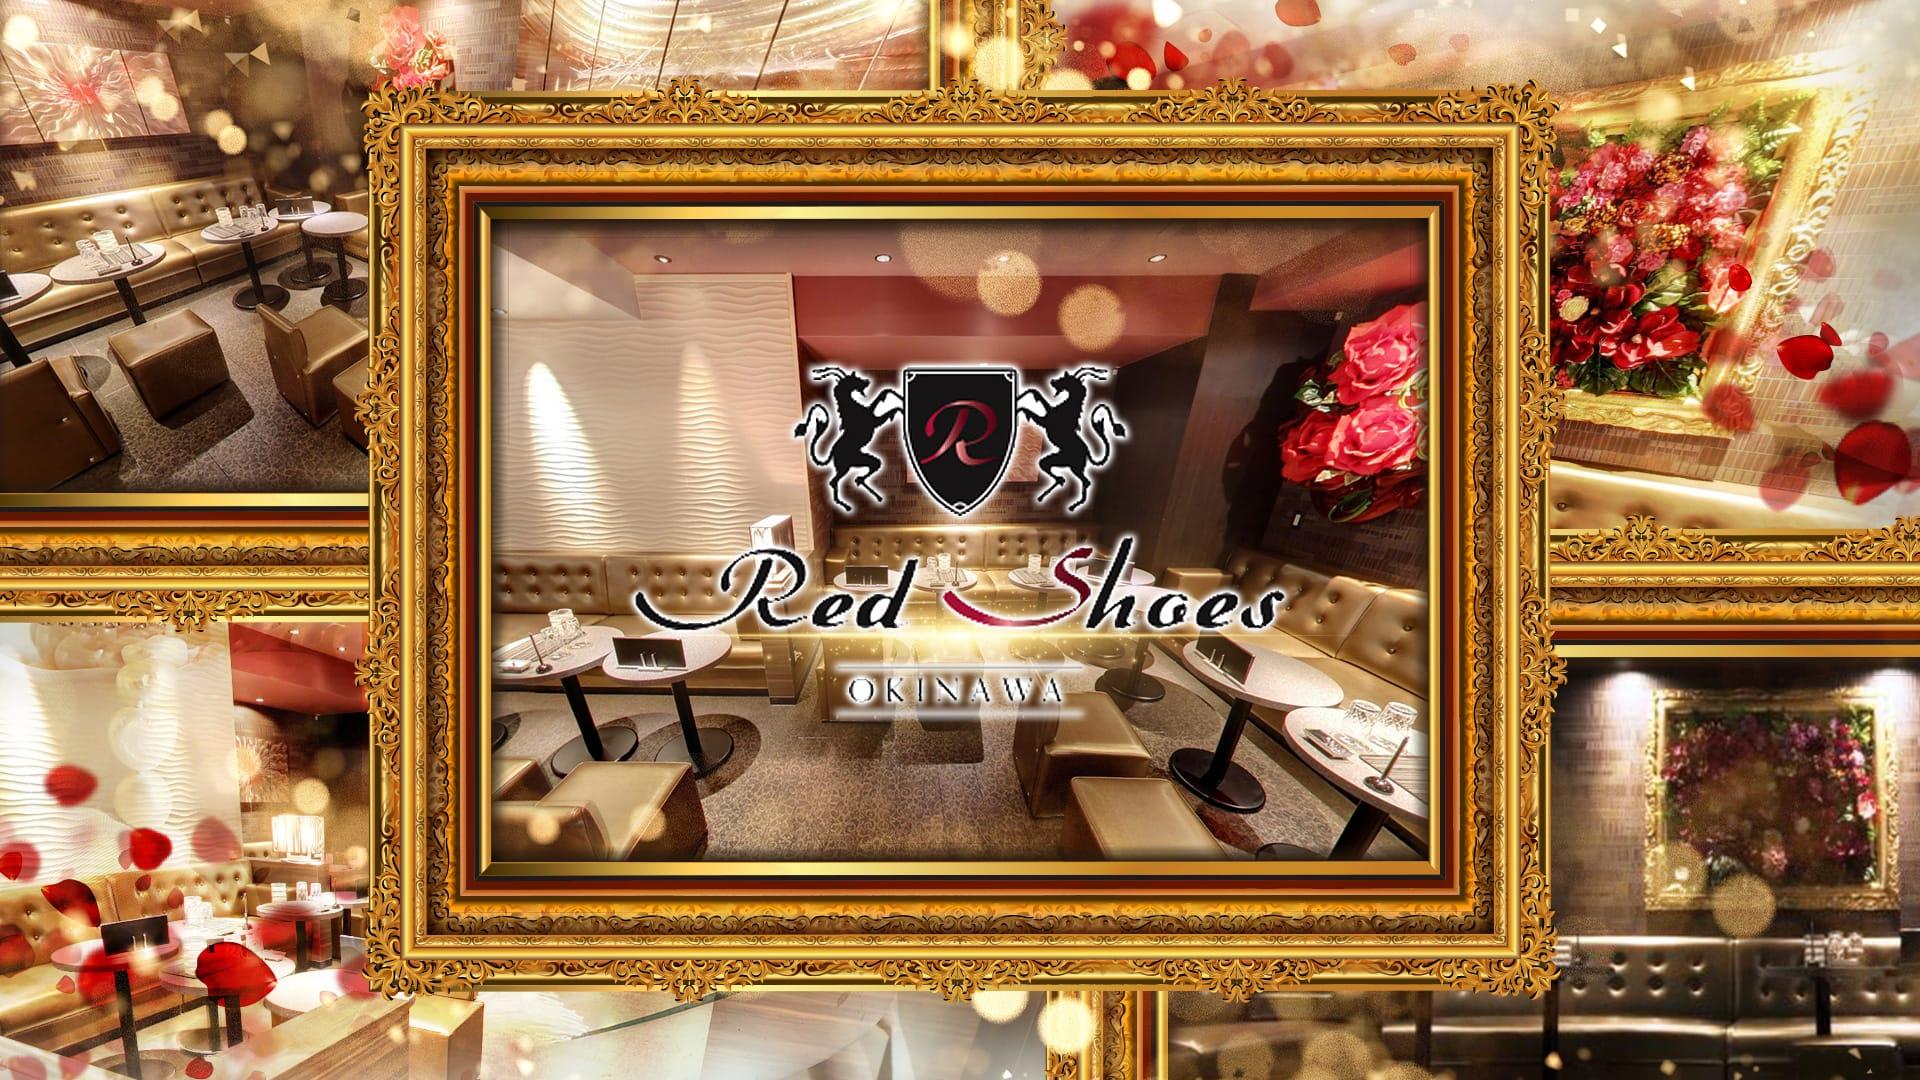 沖縄Red Shoes(レッドシューズ)【公式求人・体入情報】 心斎橋キャバクラ TOP画像